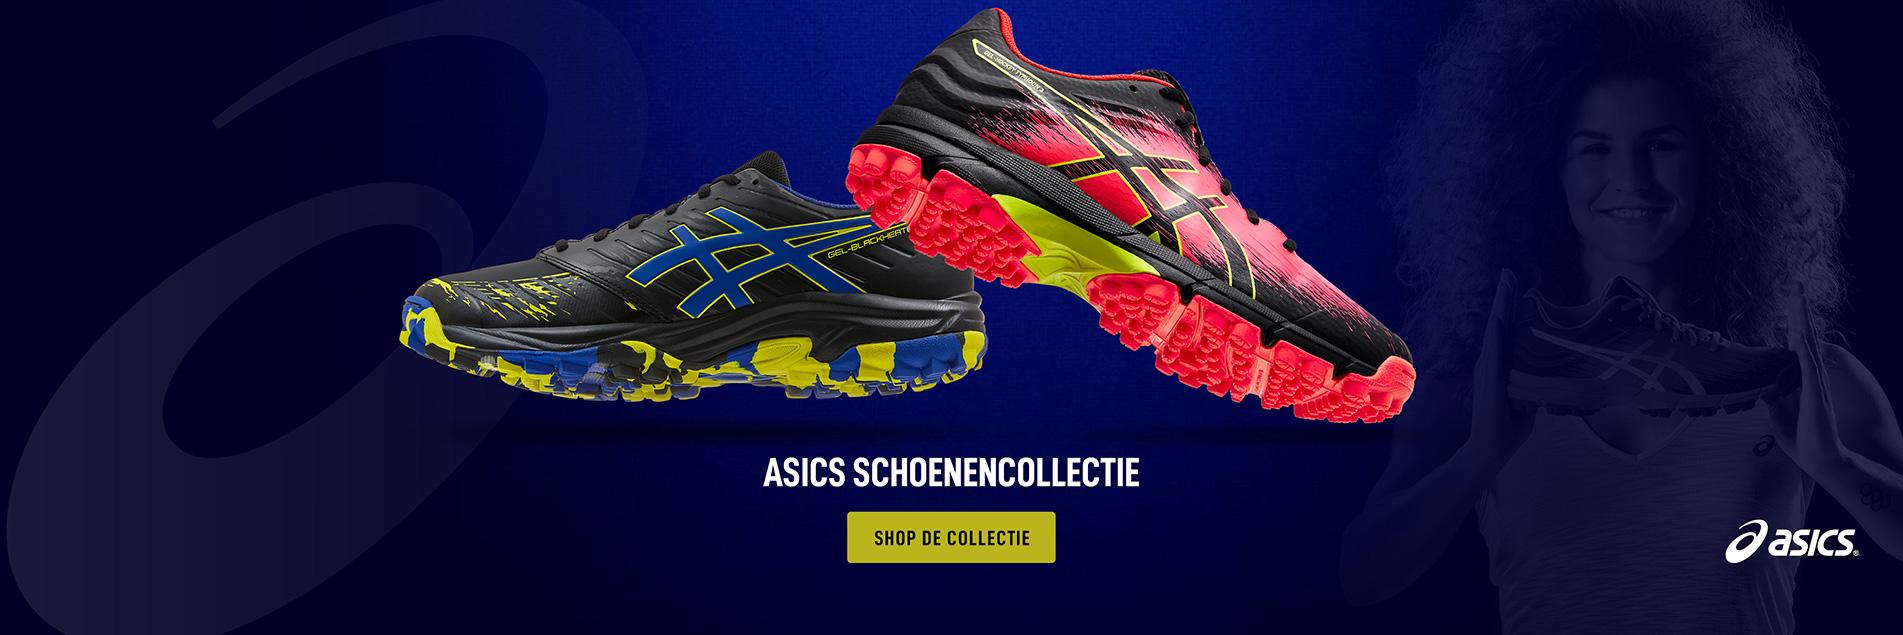 Asics schoenen